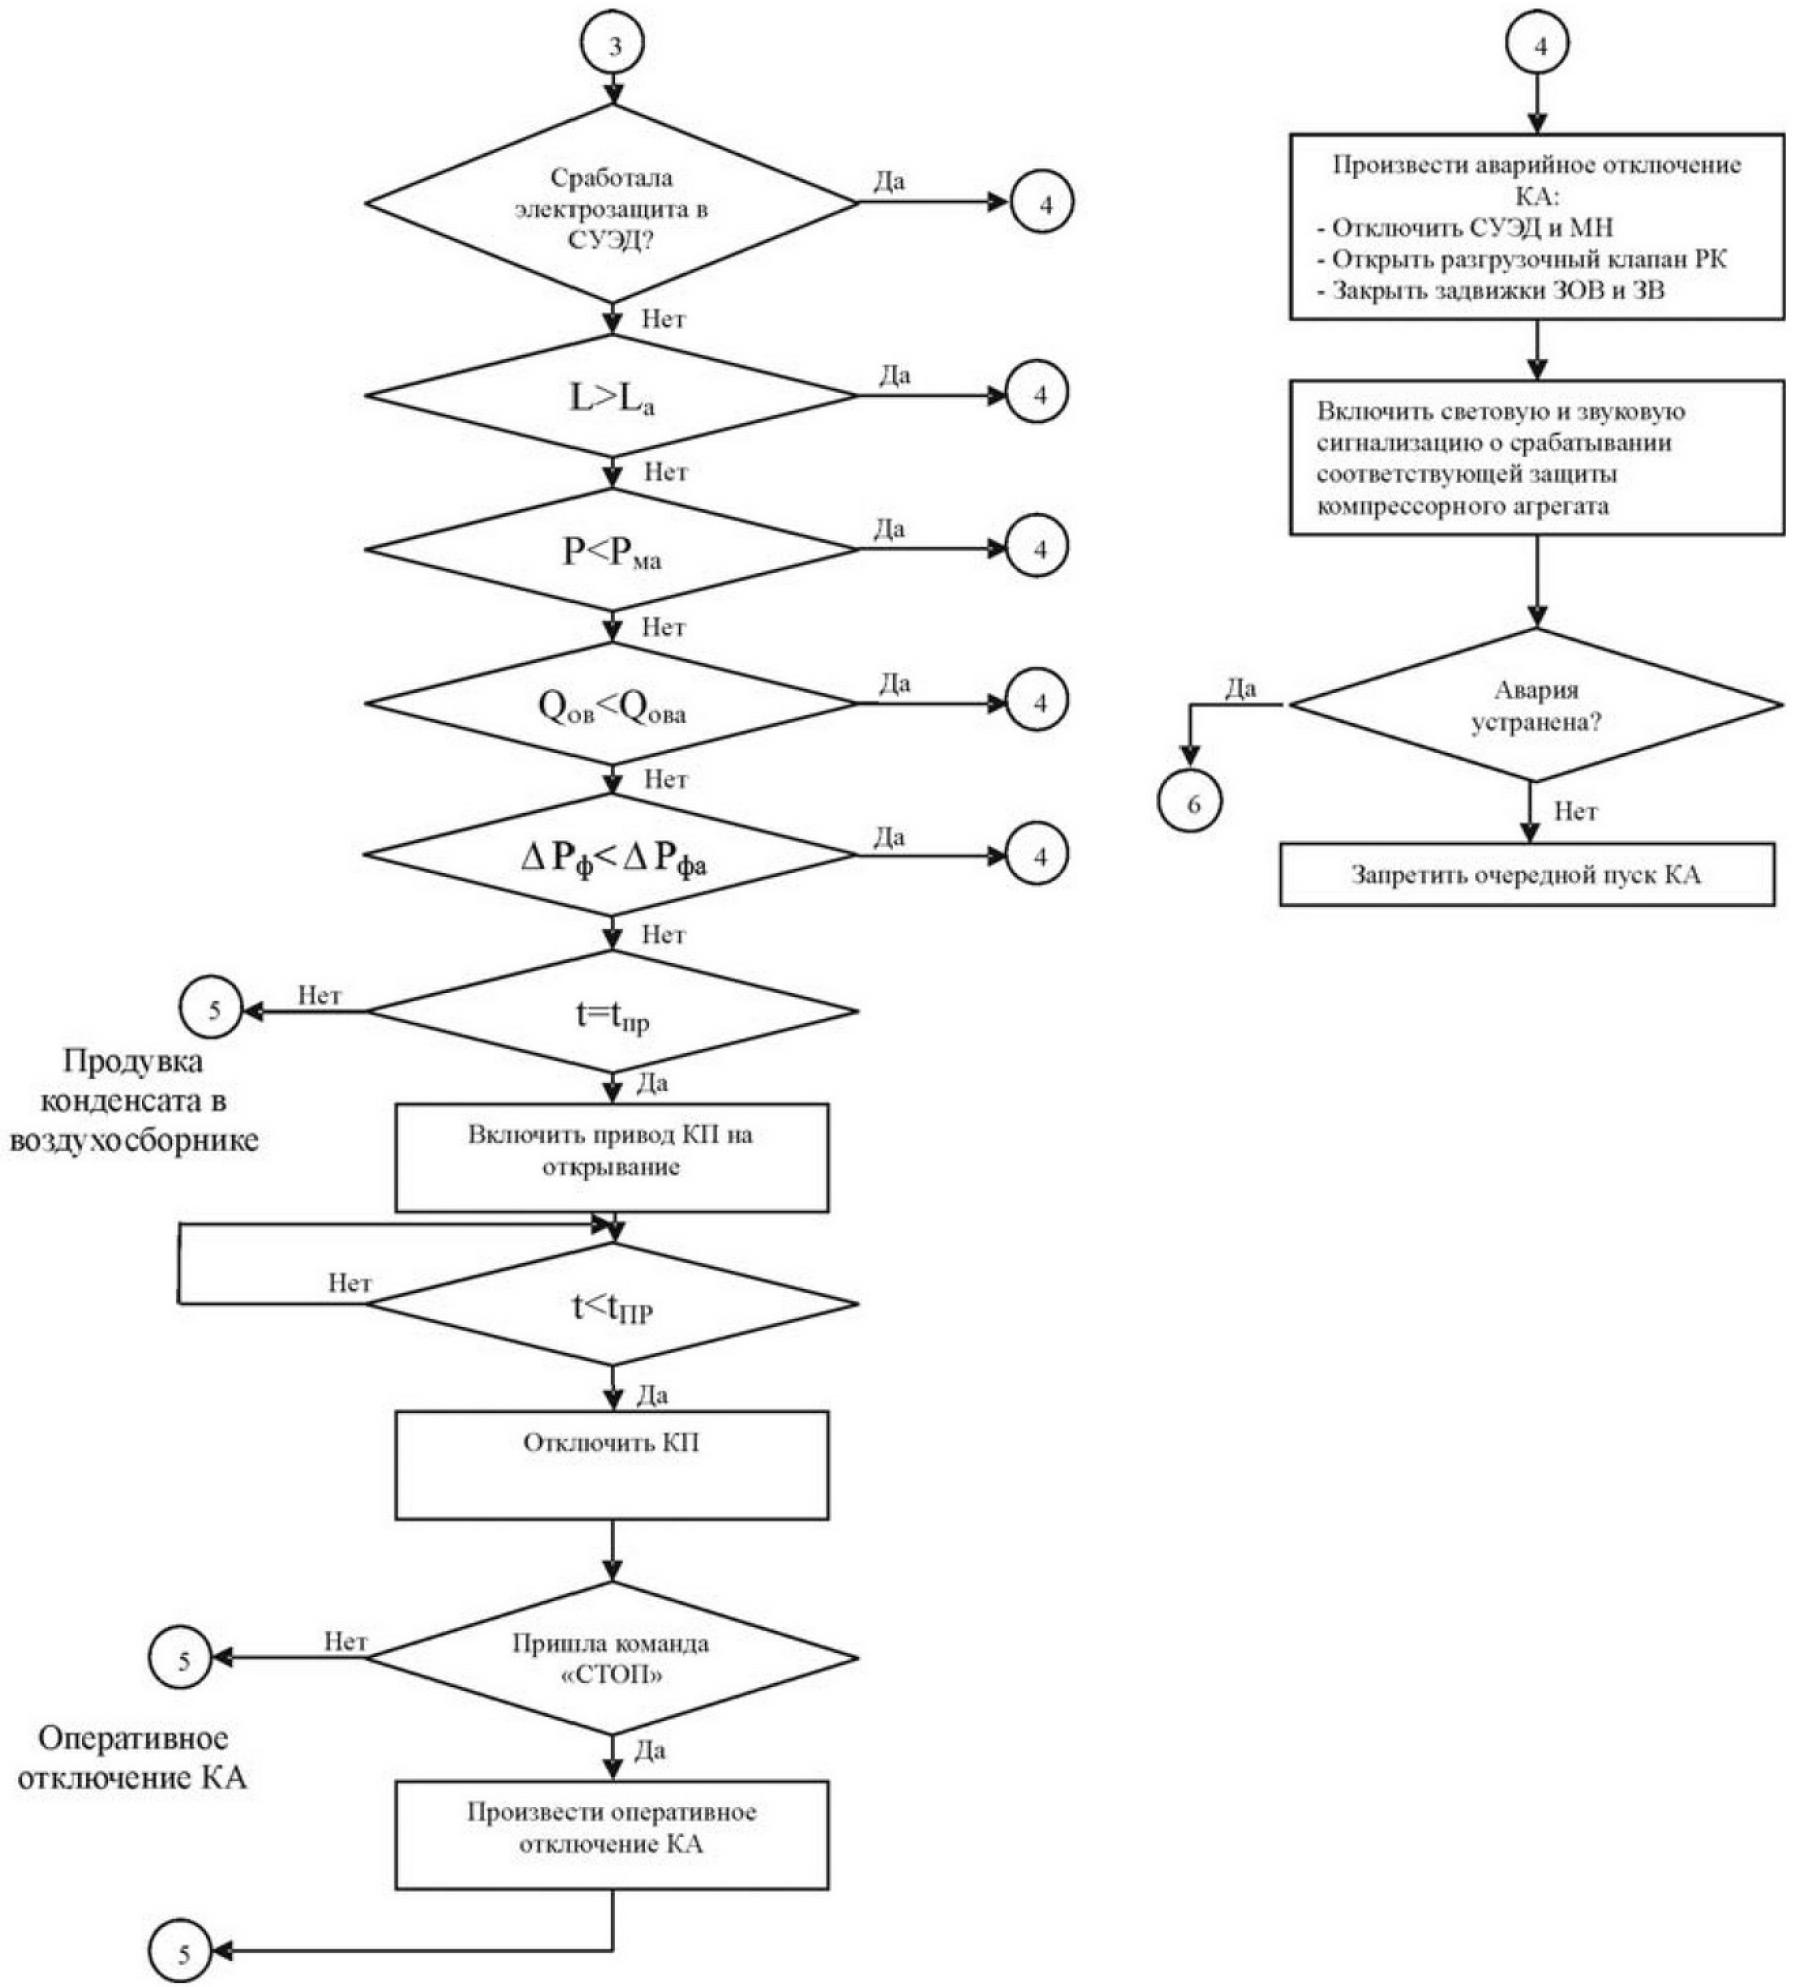 Микропроцессорная система автоматизации компрессорного агрегата 4